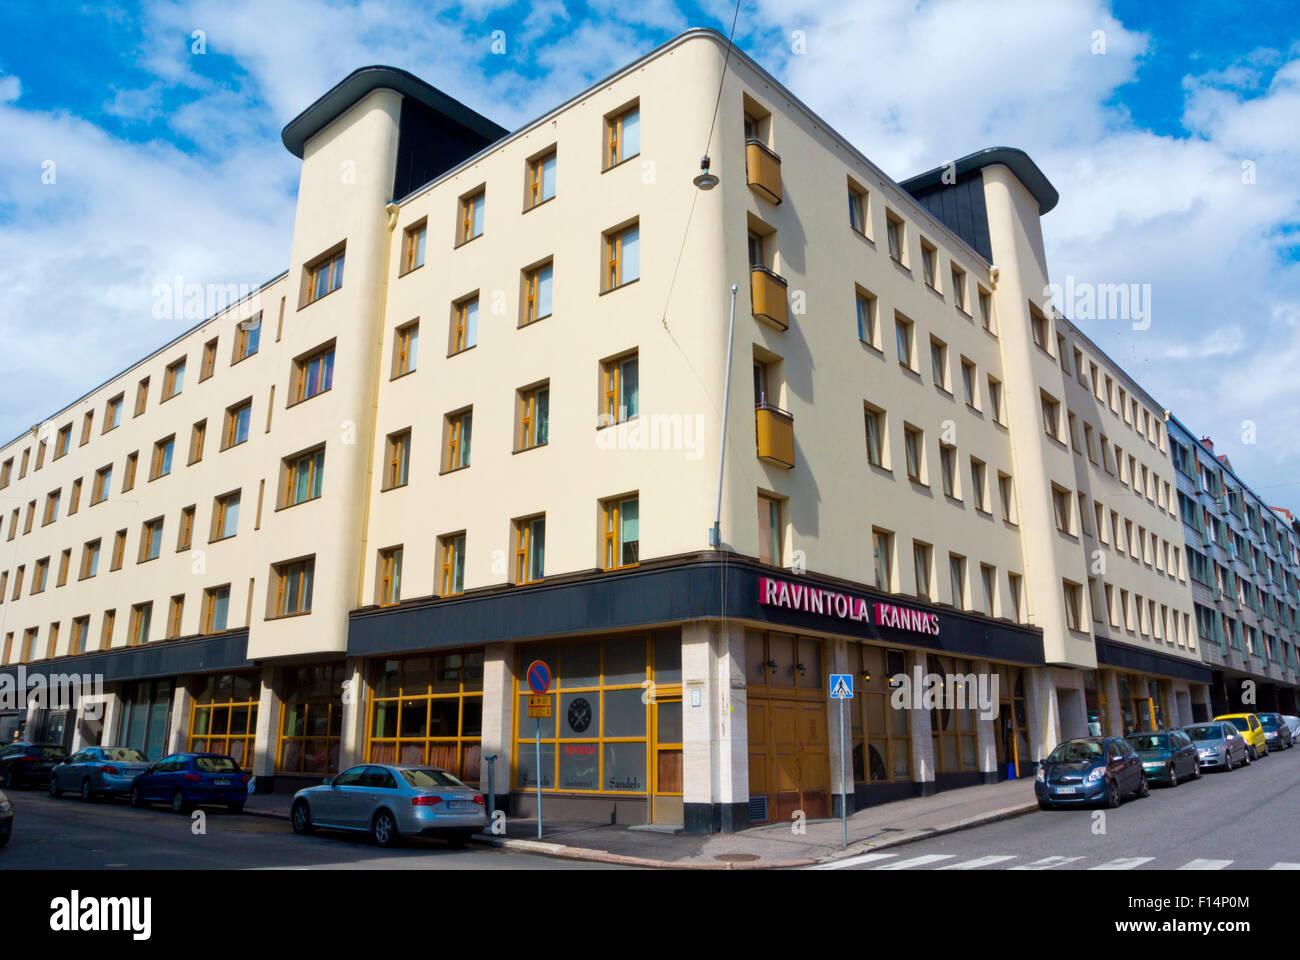 L'architecture fonctionnaliste des années 1930, Eerinkinkatu, Hietalahti, Helsinki, Finlande, Europe Banque D'Images